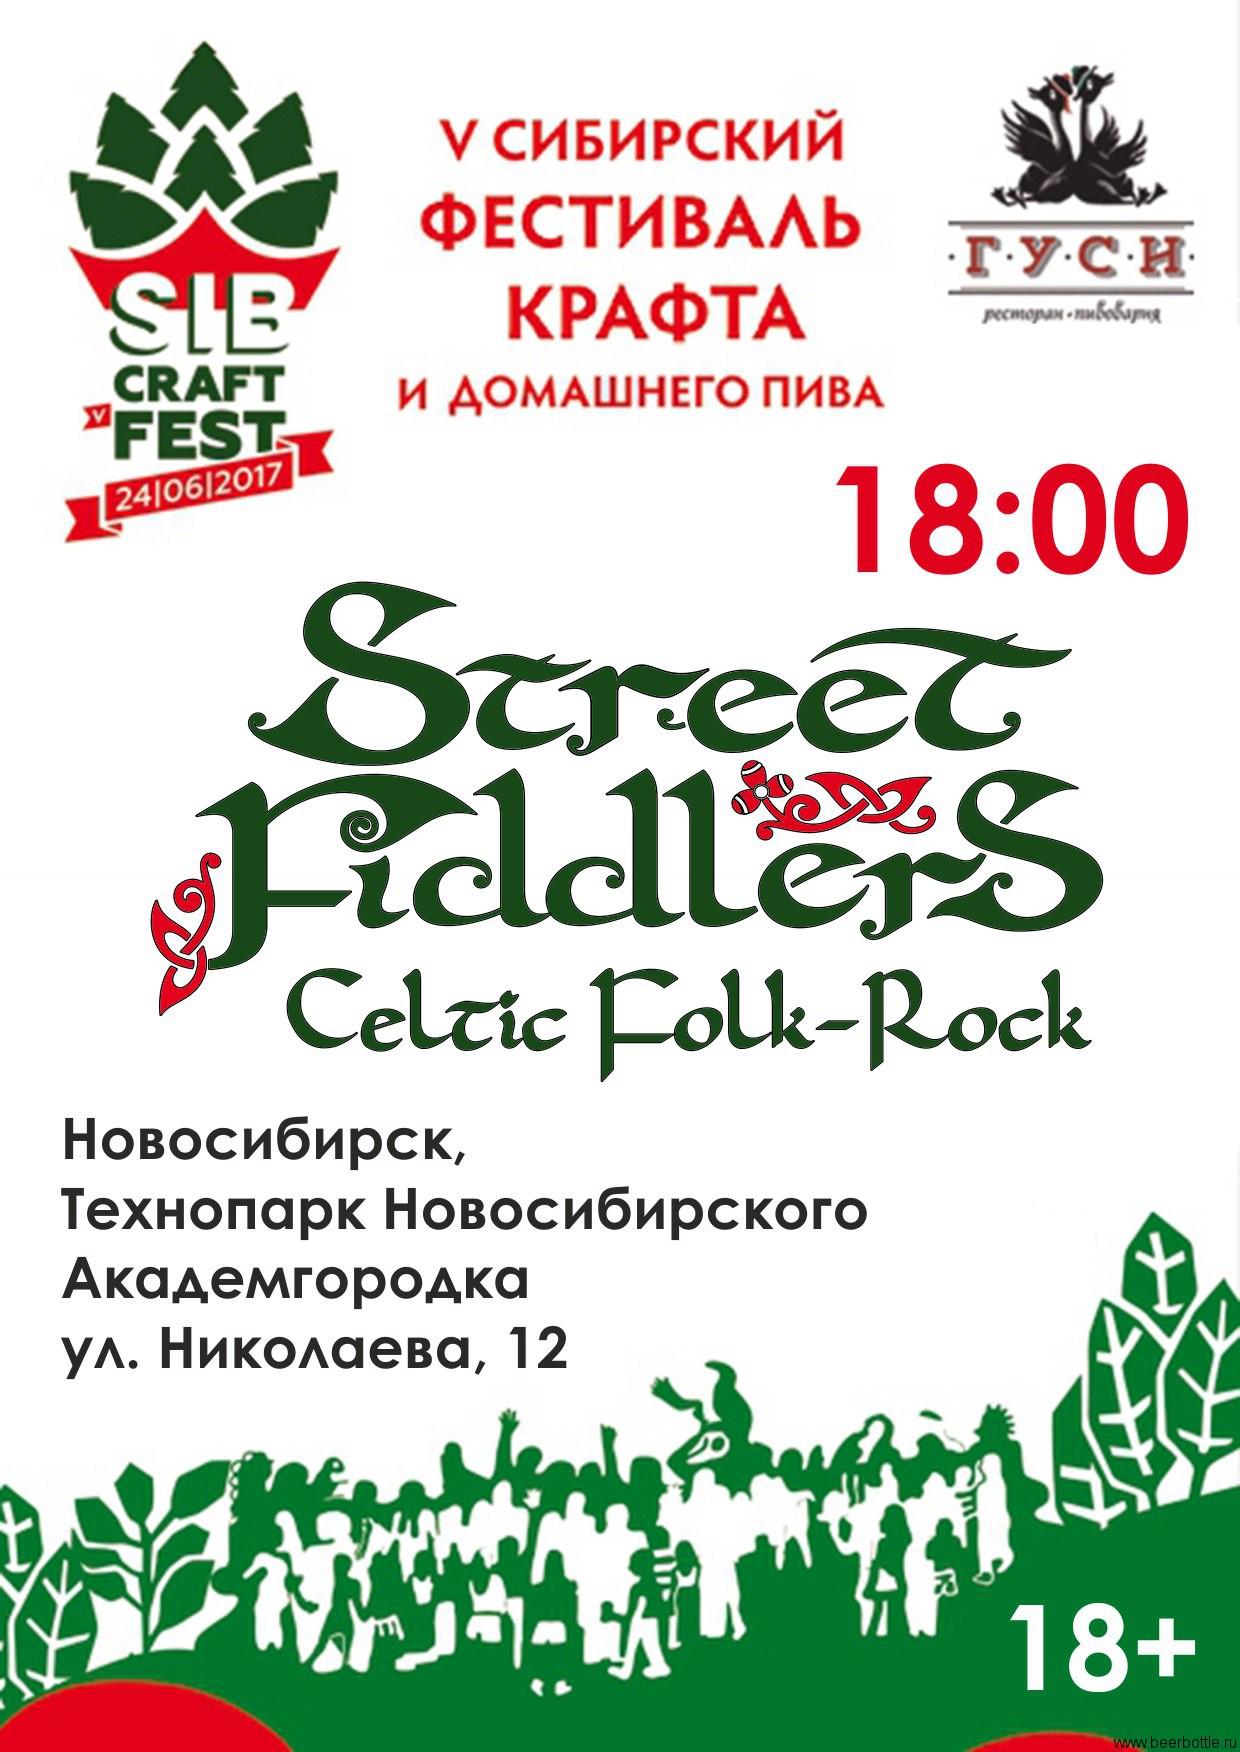 Сибирский фестиваль крафта и домашнего пива